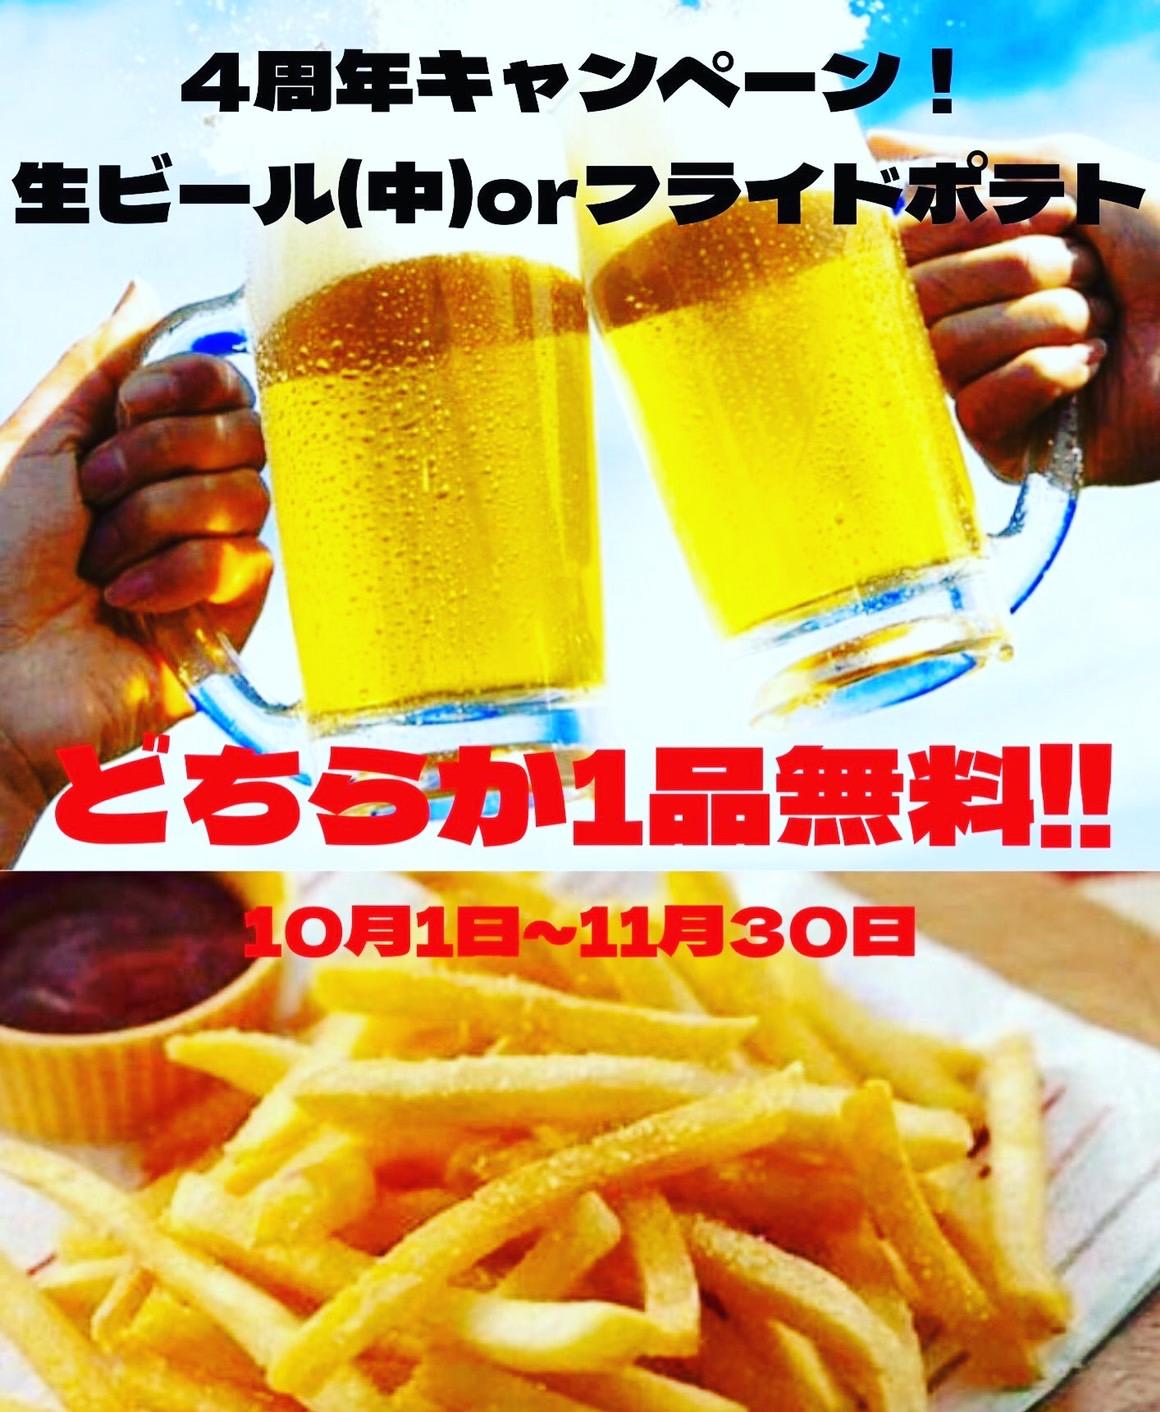 ビールポテト